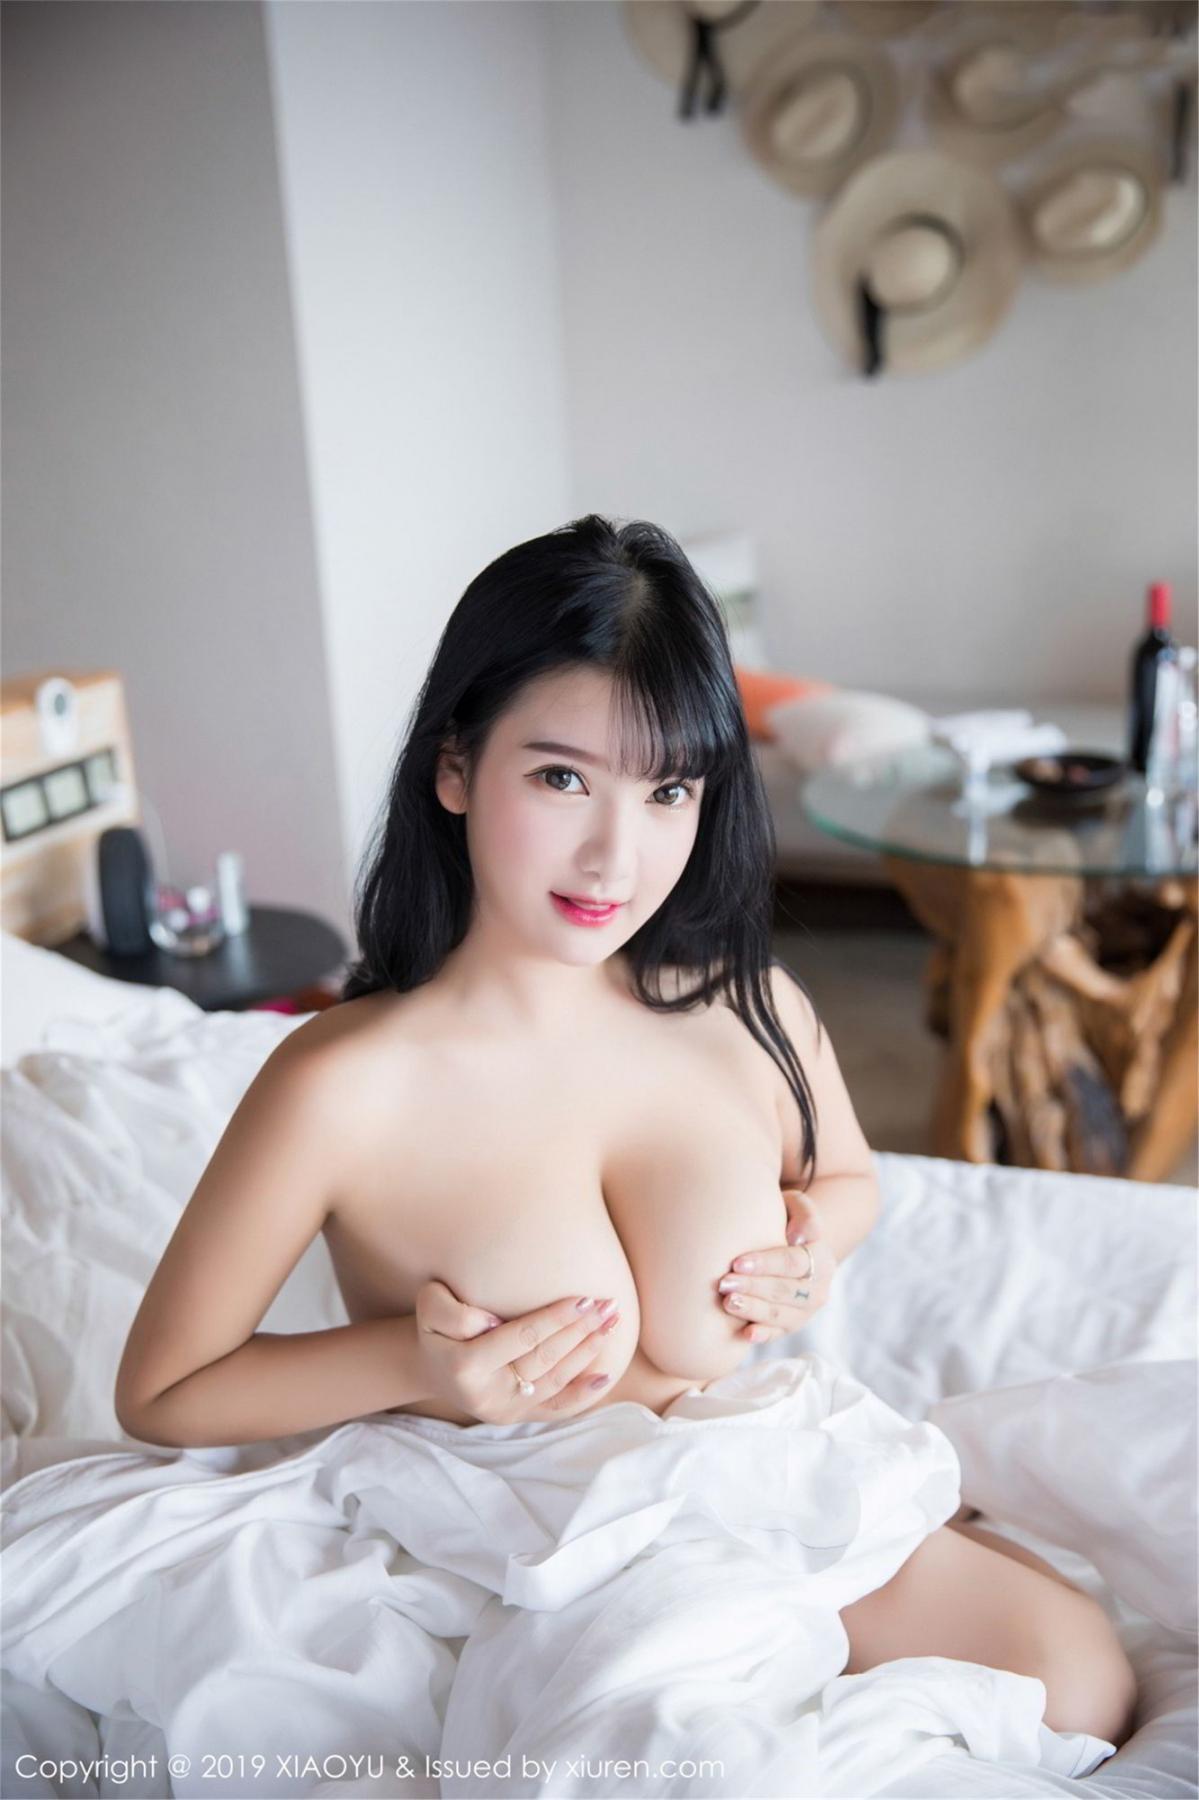 [XiaoYu] Vol.070 Lu Lu Xiao Miao 19P, Baby Face Big Boobs, Lovely, Lu Lu Xiao Miao, XiaoYu